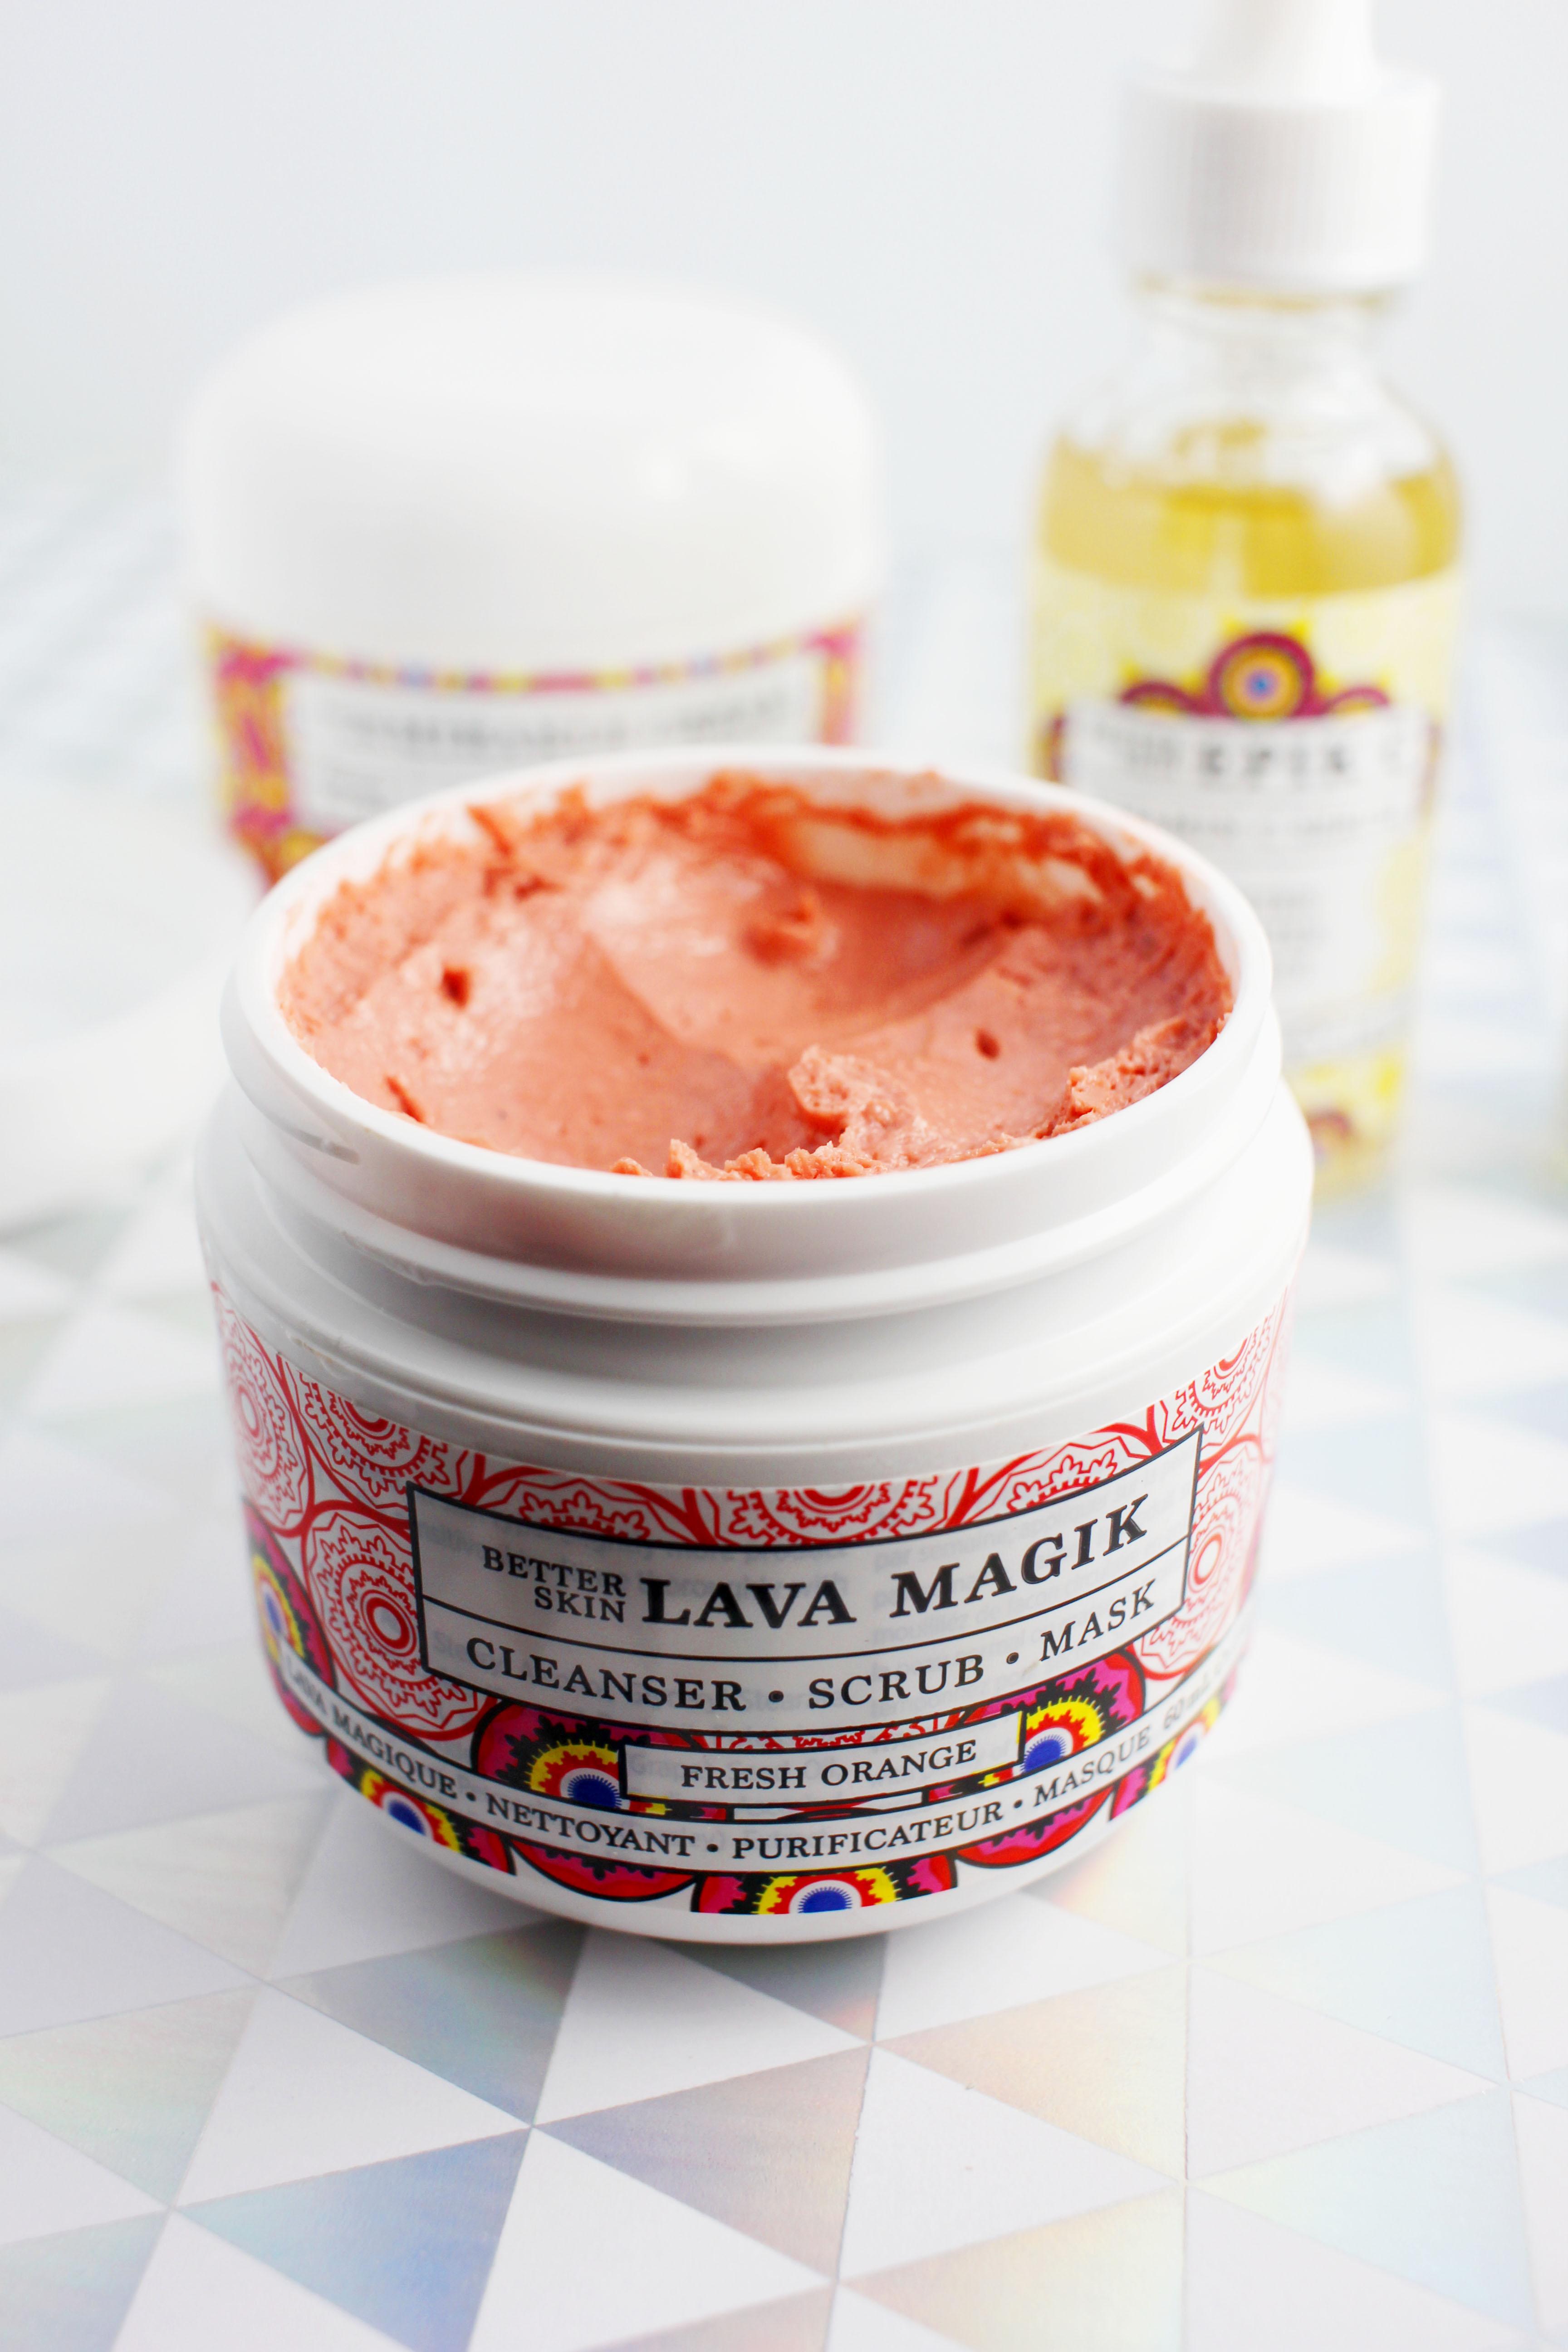 Better Skin Co. Lava Magik Review